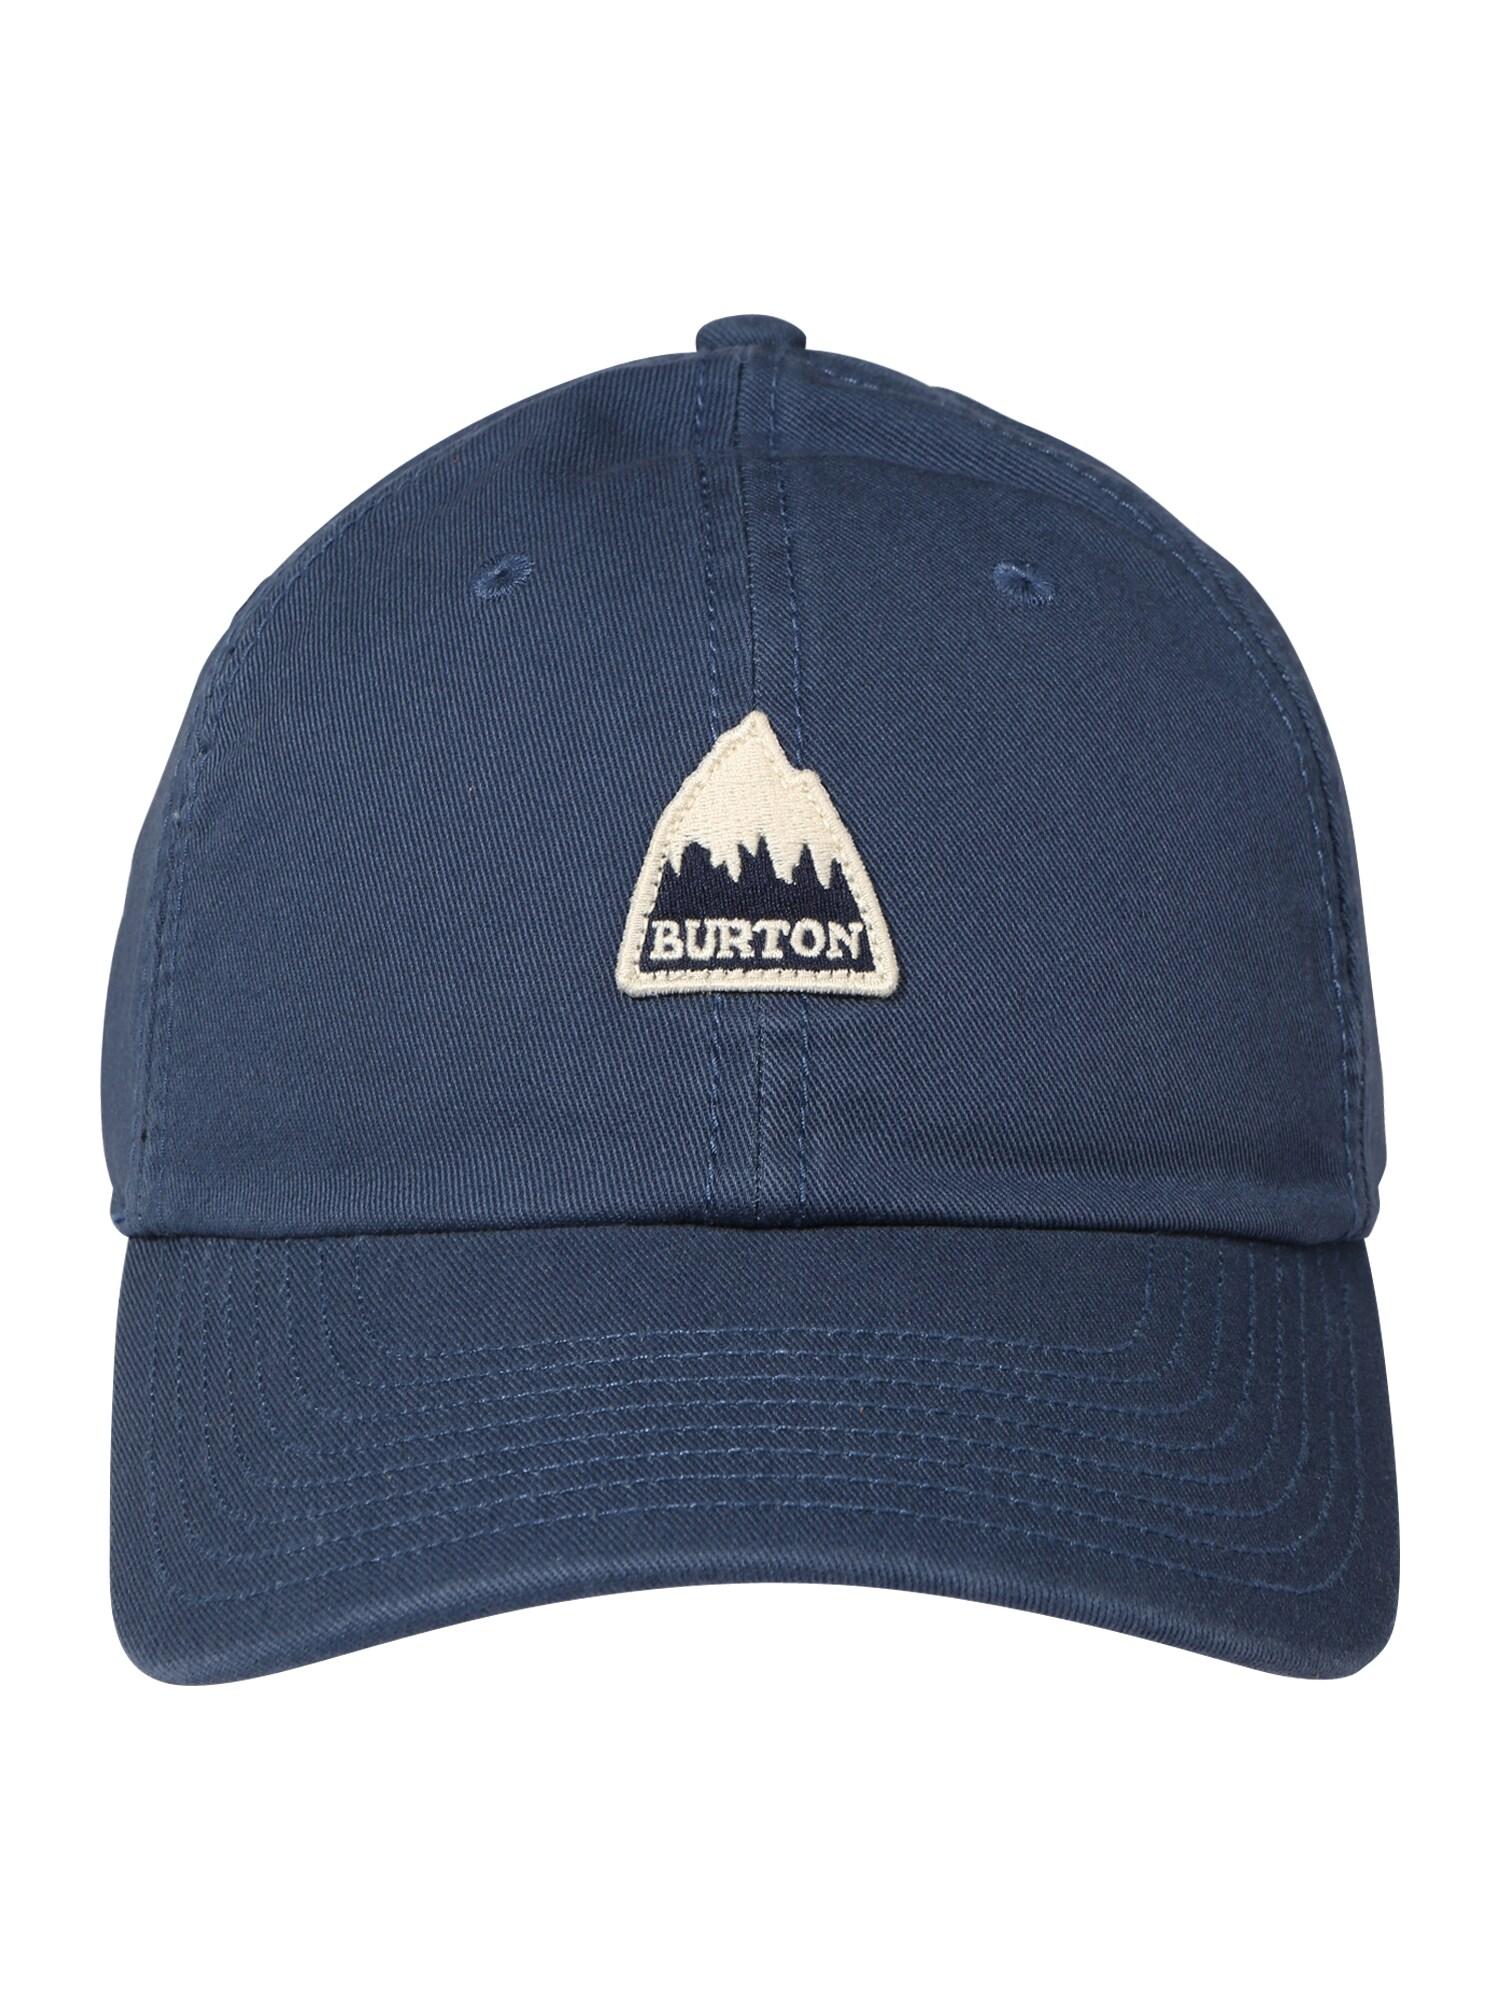 BURTON Sportinė kepurė tamsiai mėlyna / juoda / gelsvai pilka spalva